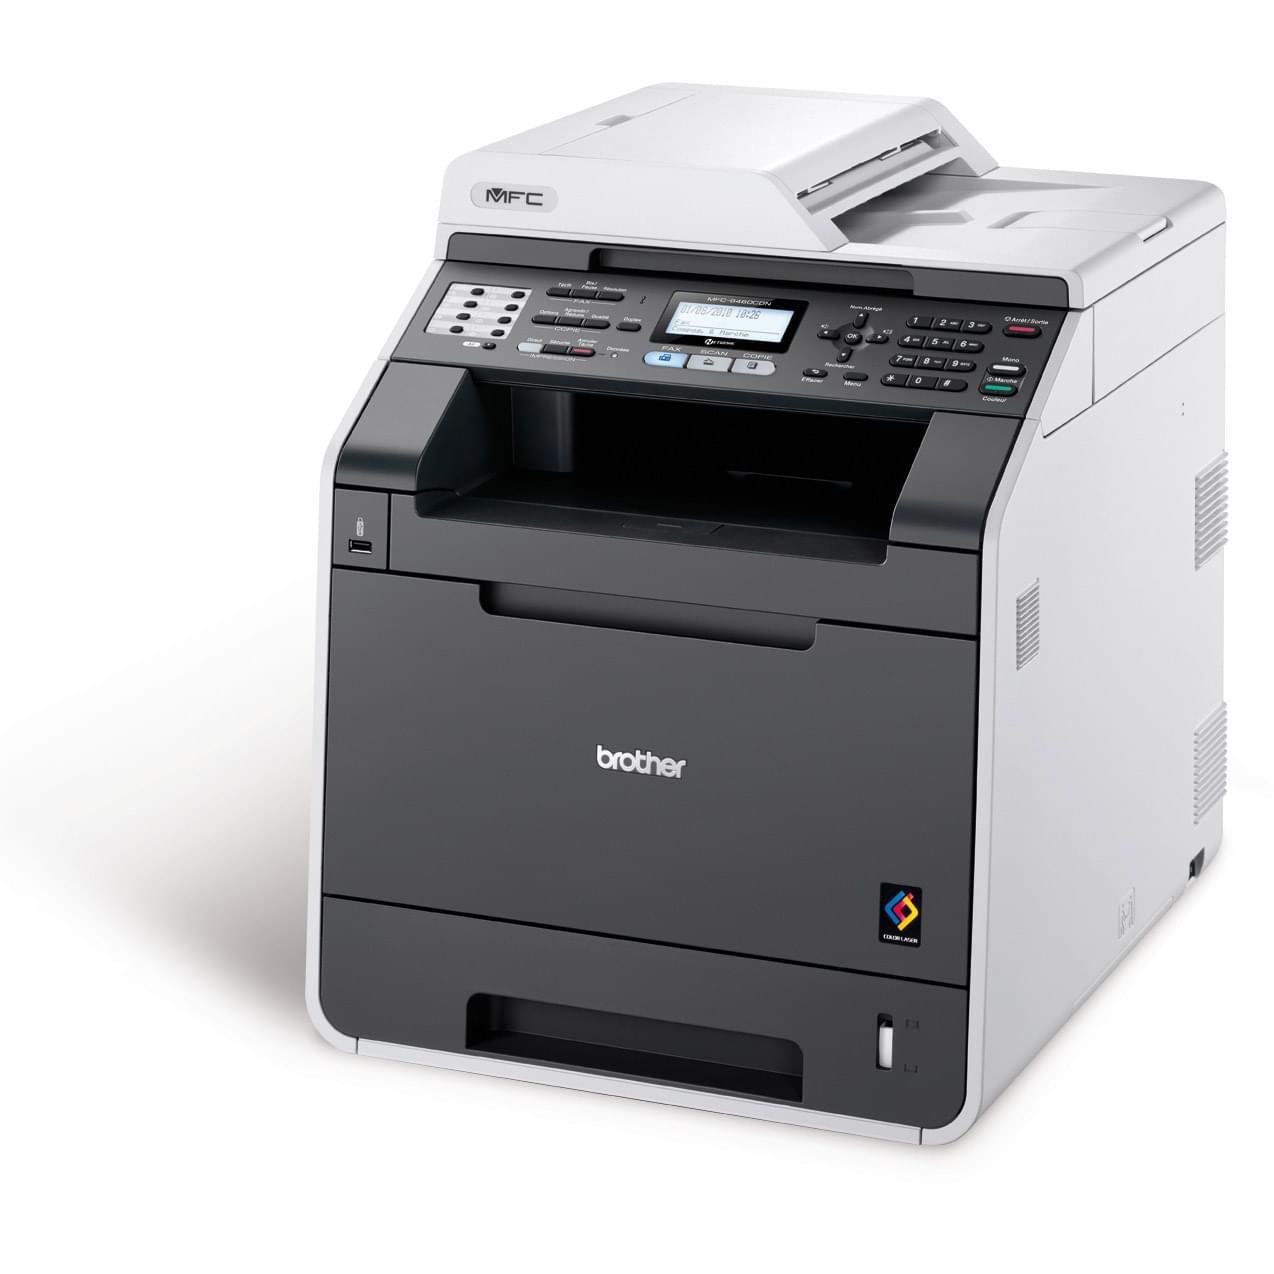 Imprimante multifonction Brother MFC-9460CDN - Cybertek.fr - 0